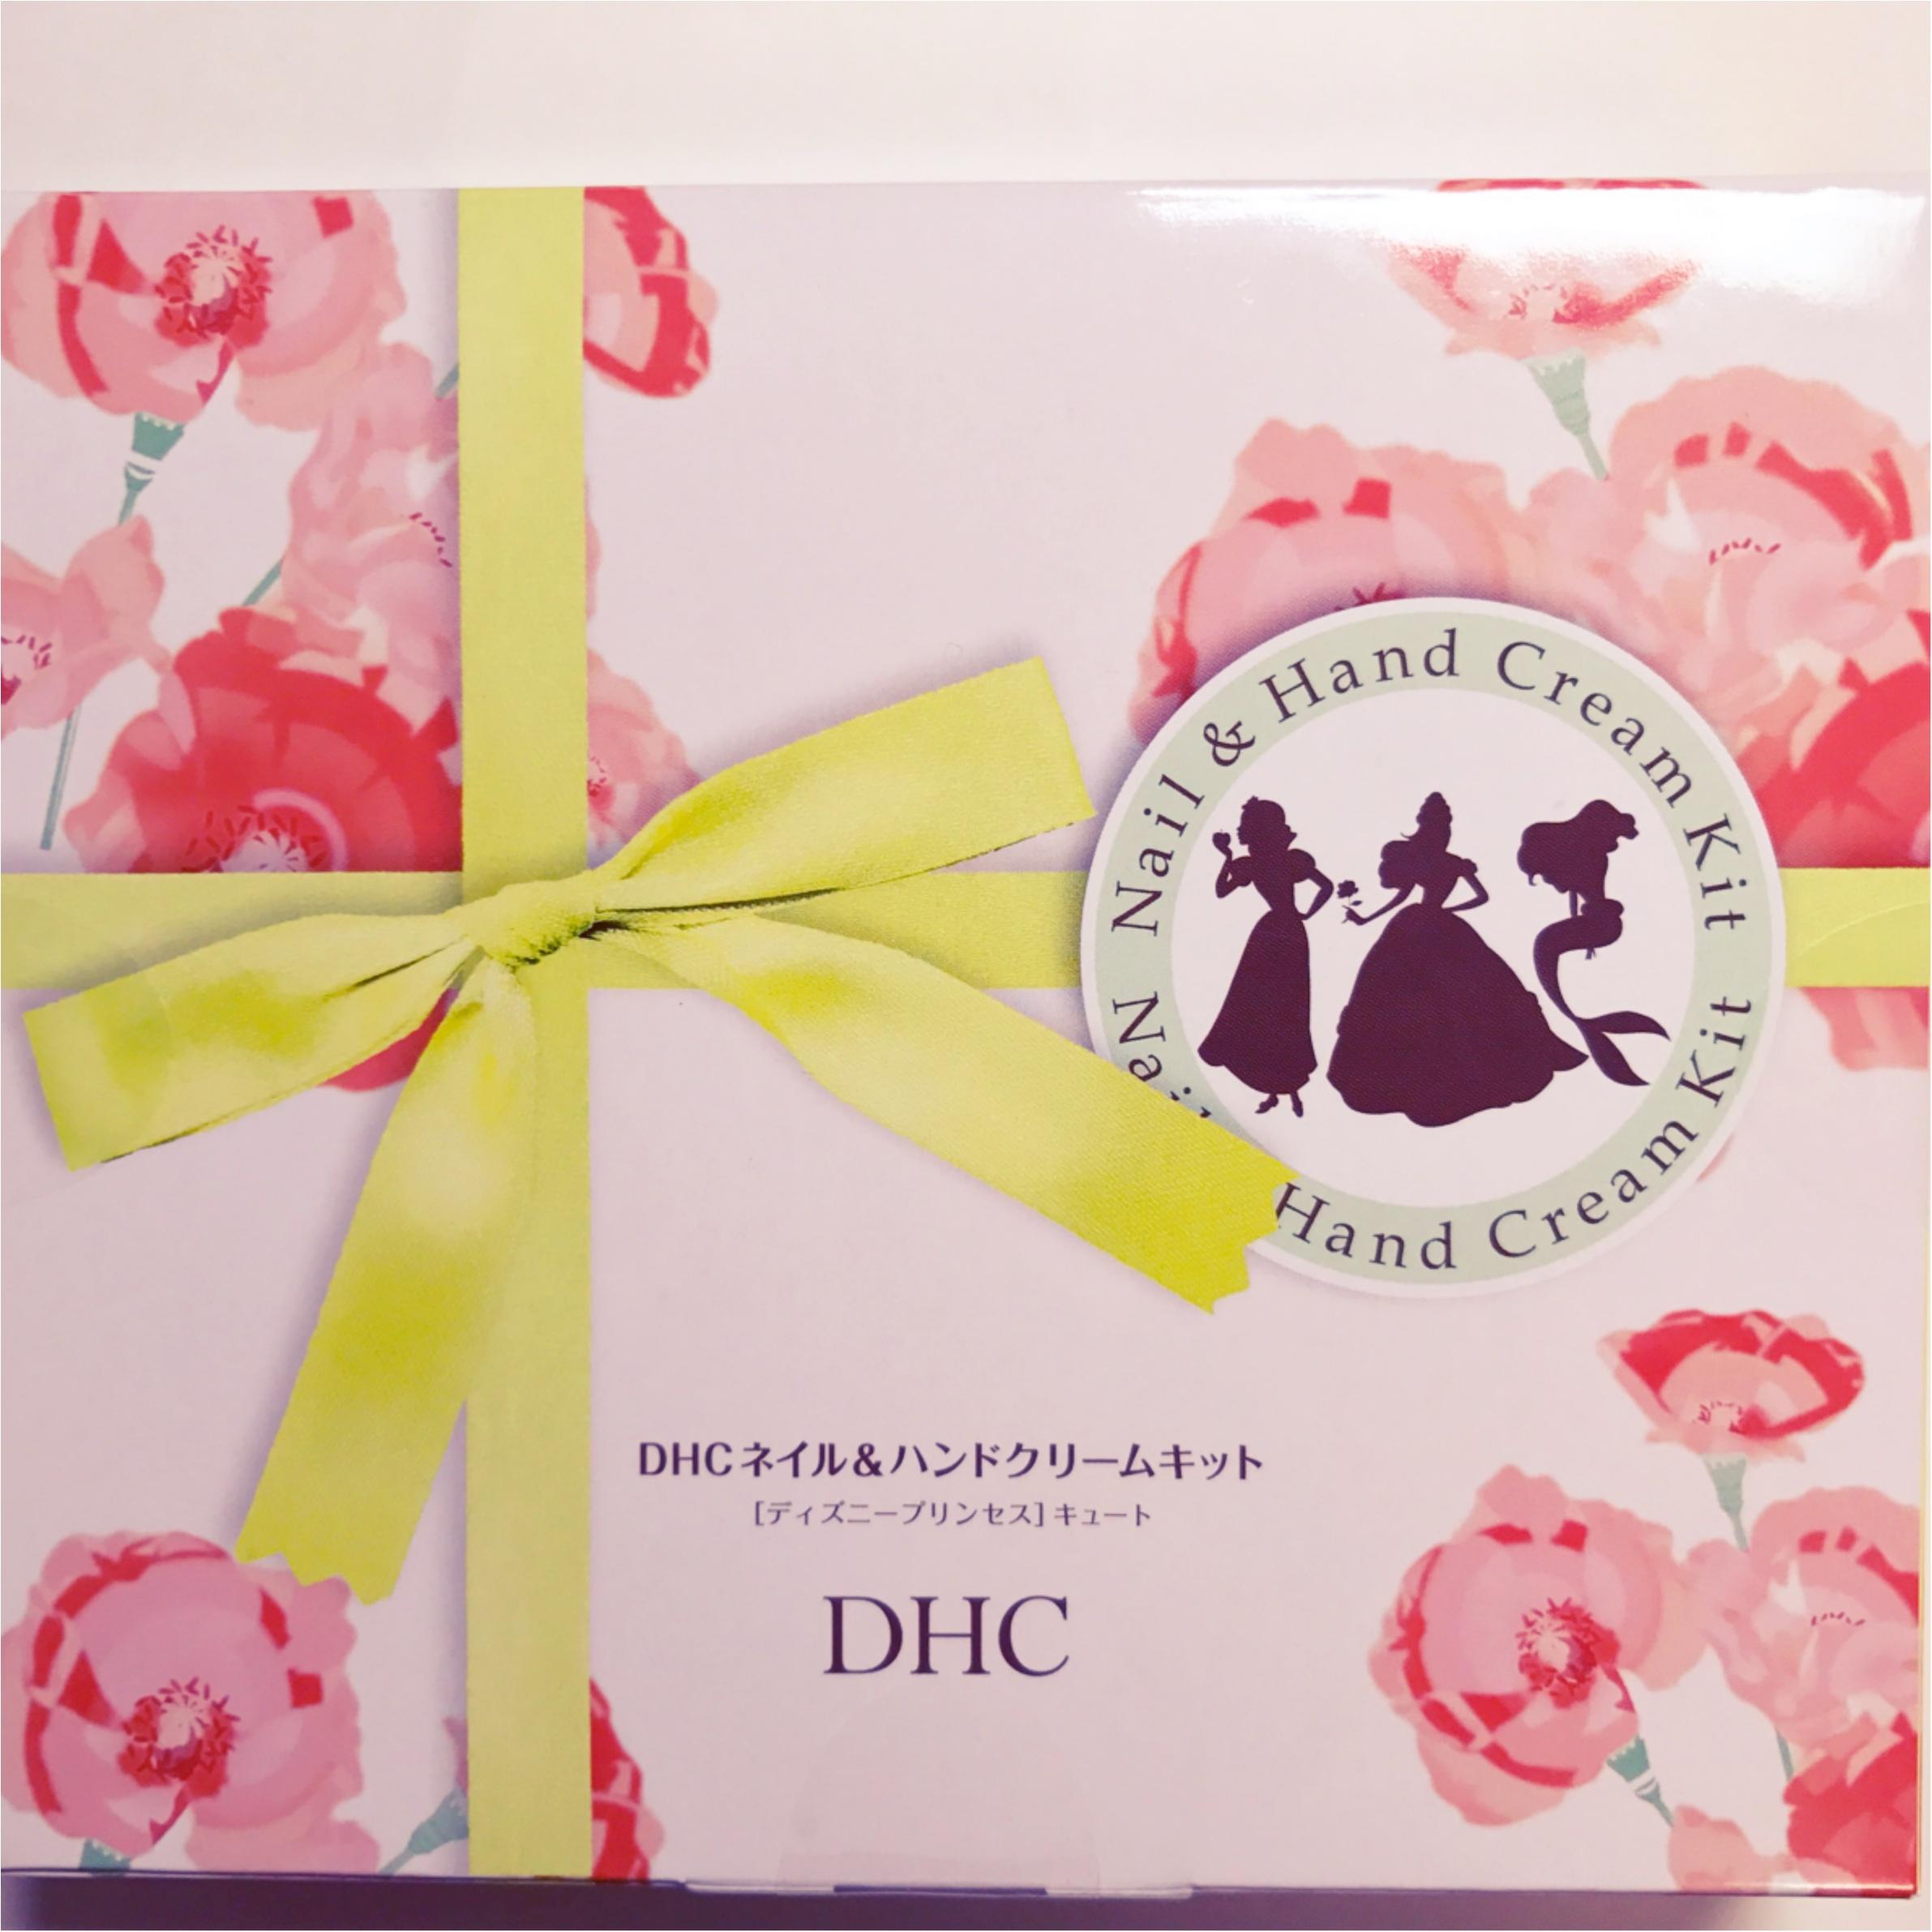 【自分へのご褒美&ギフトに♡】DHCのディズニープリンセスコフレが可愛くて使える♡_3